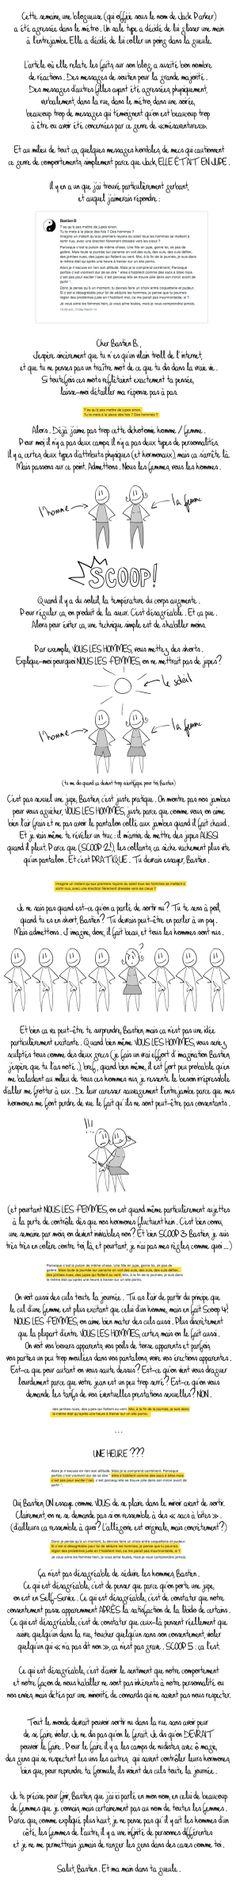 Coucou Bastien - Marion Point CommUn excellent article à propos de sexisme et de harcèlement de rue qui explique bien le problème. A faire lire à tous les hommes (et aux femmes aussi ;-) !)